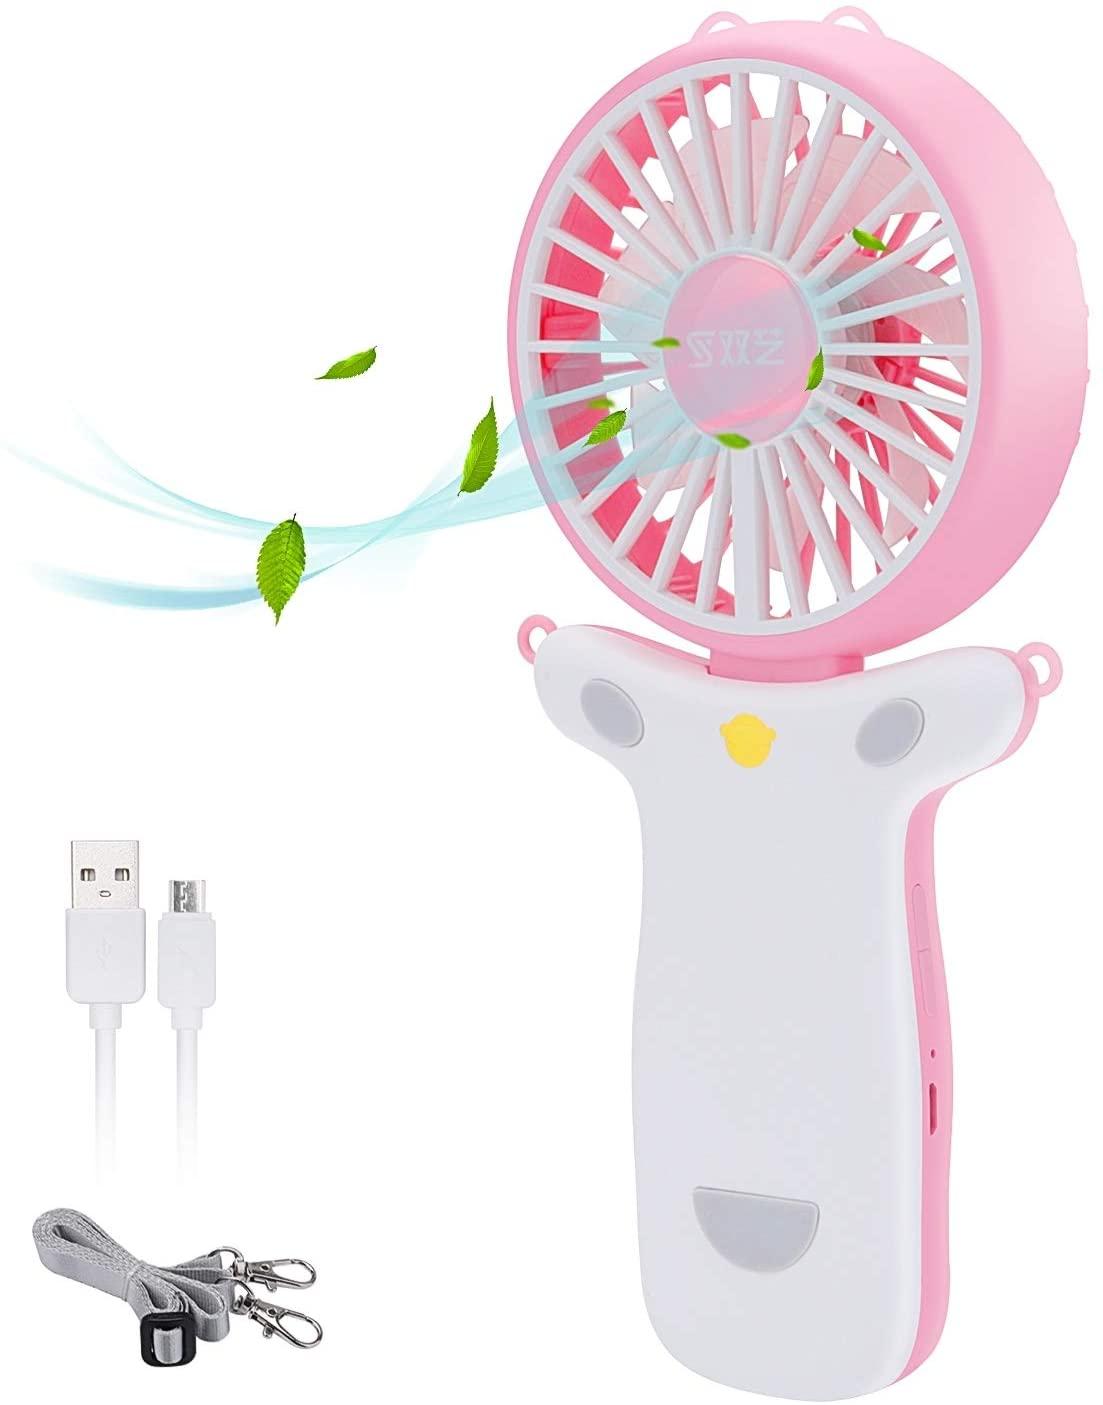 Necklace Fan Personal Fan Necklace Personal Handheld Fan Folding Fan Mini Fan Necklace Fan with Colorful Light (Pink)